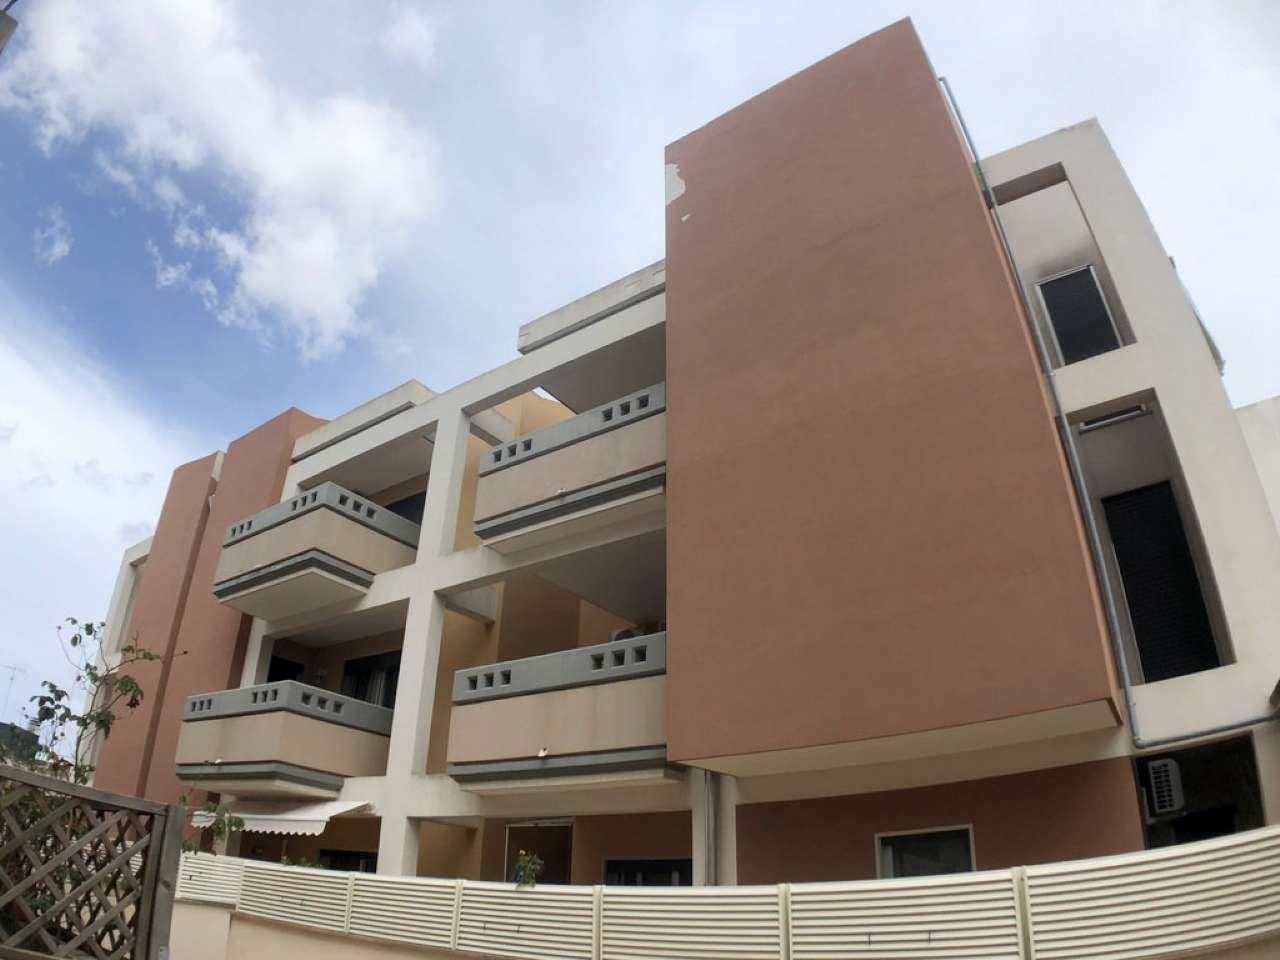 Appartamento al 2° Piano mq 120 ca 4 vani e accessori terrazzino e box auto di recente costruzione